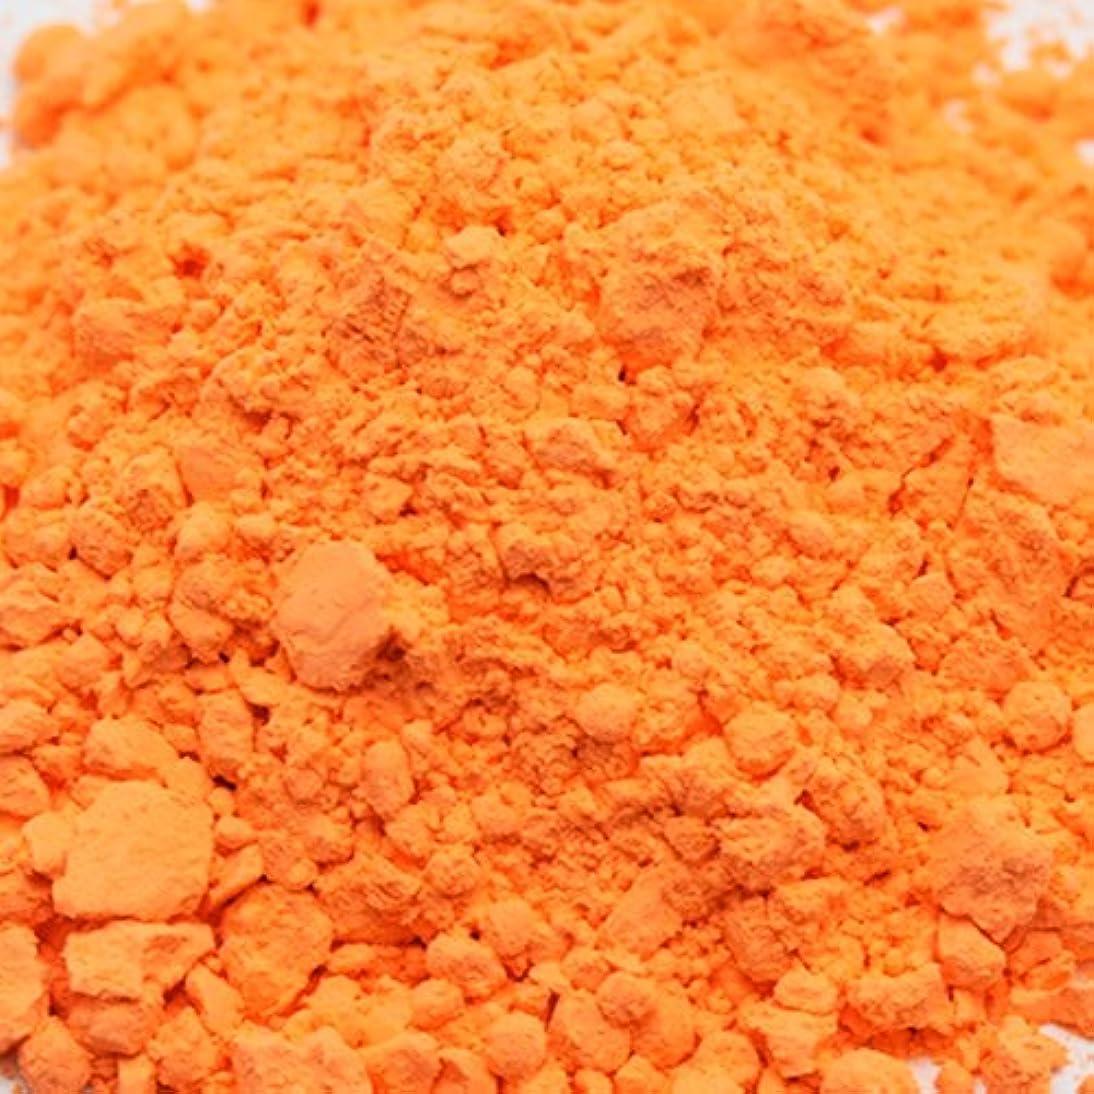 予算言うデンマーク語キャンディカラー オレンジ 5g 【手作り石鹸/手作りコスメ/色付け/カラーラント/オレンジ】